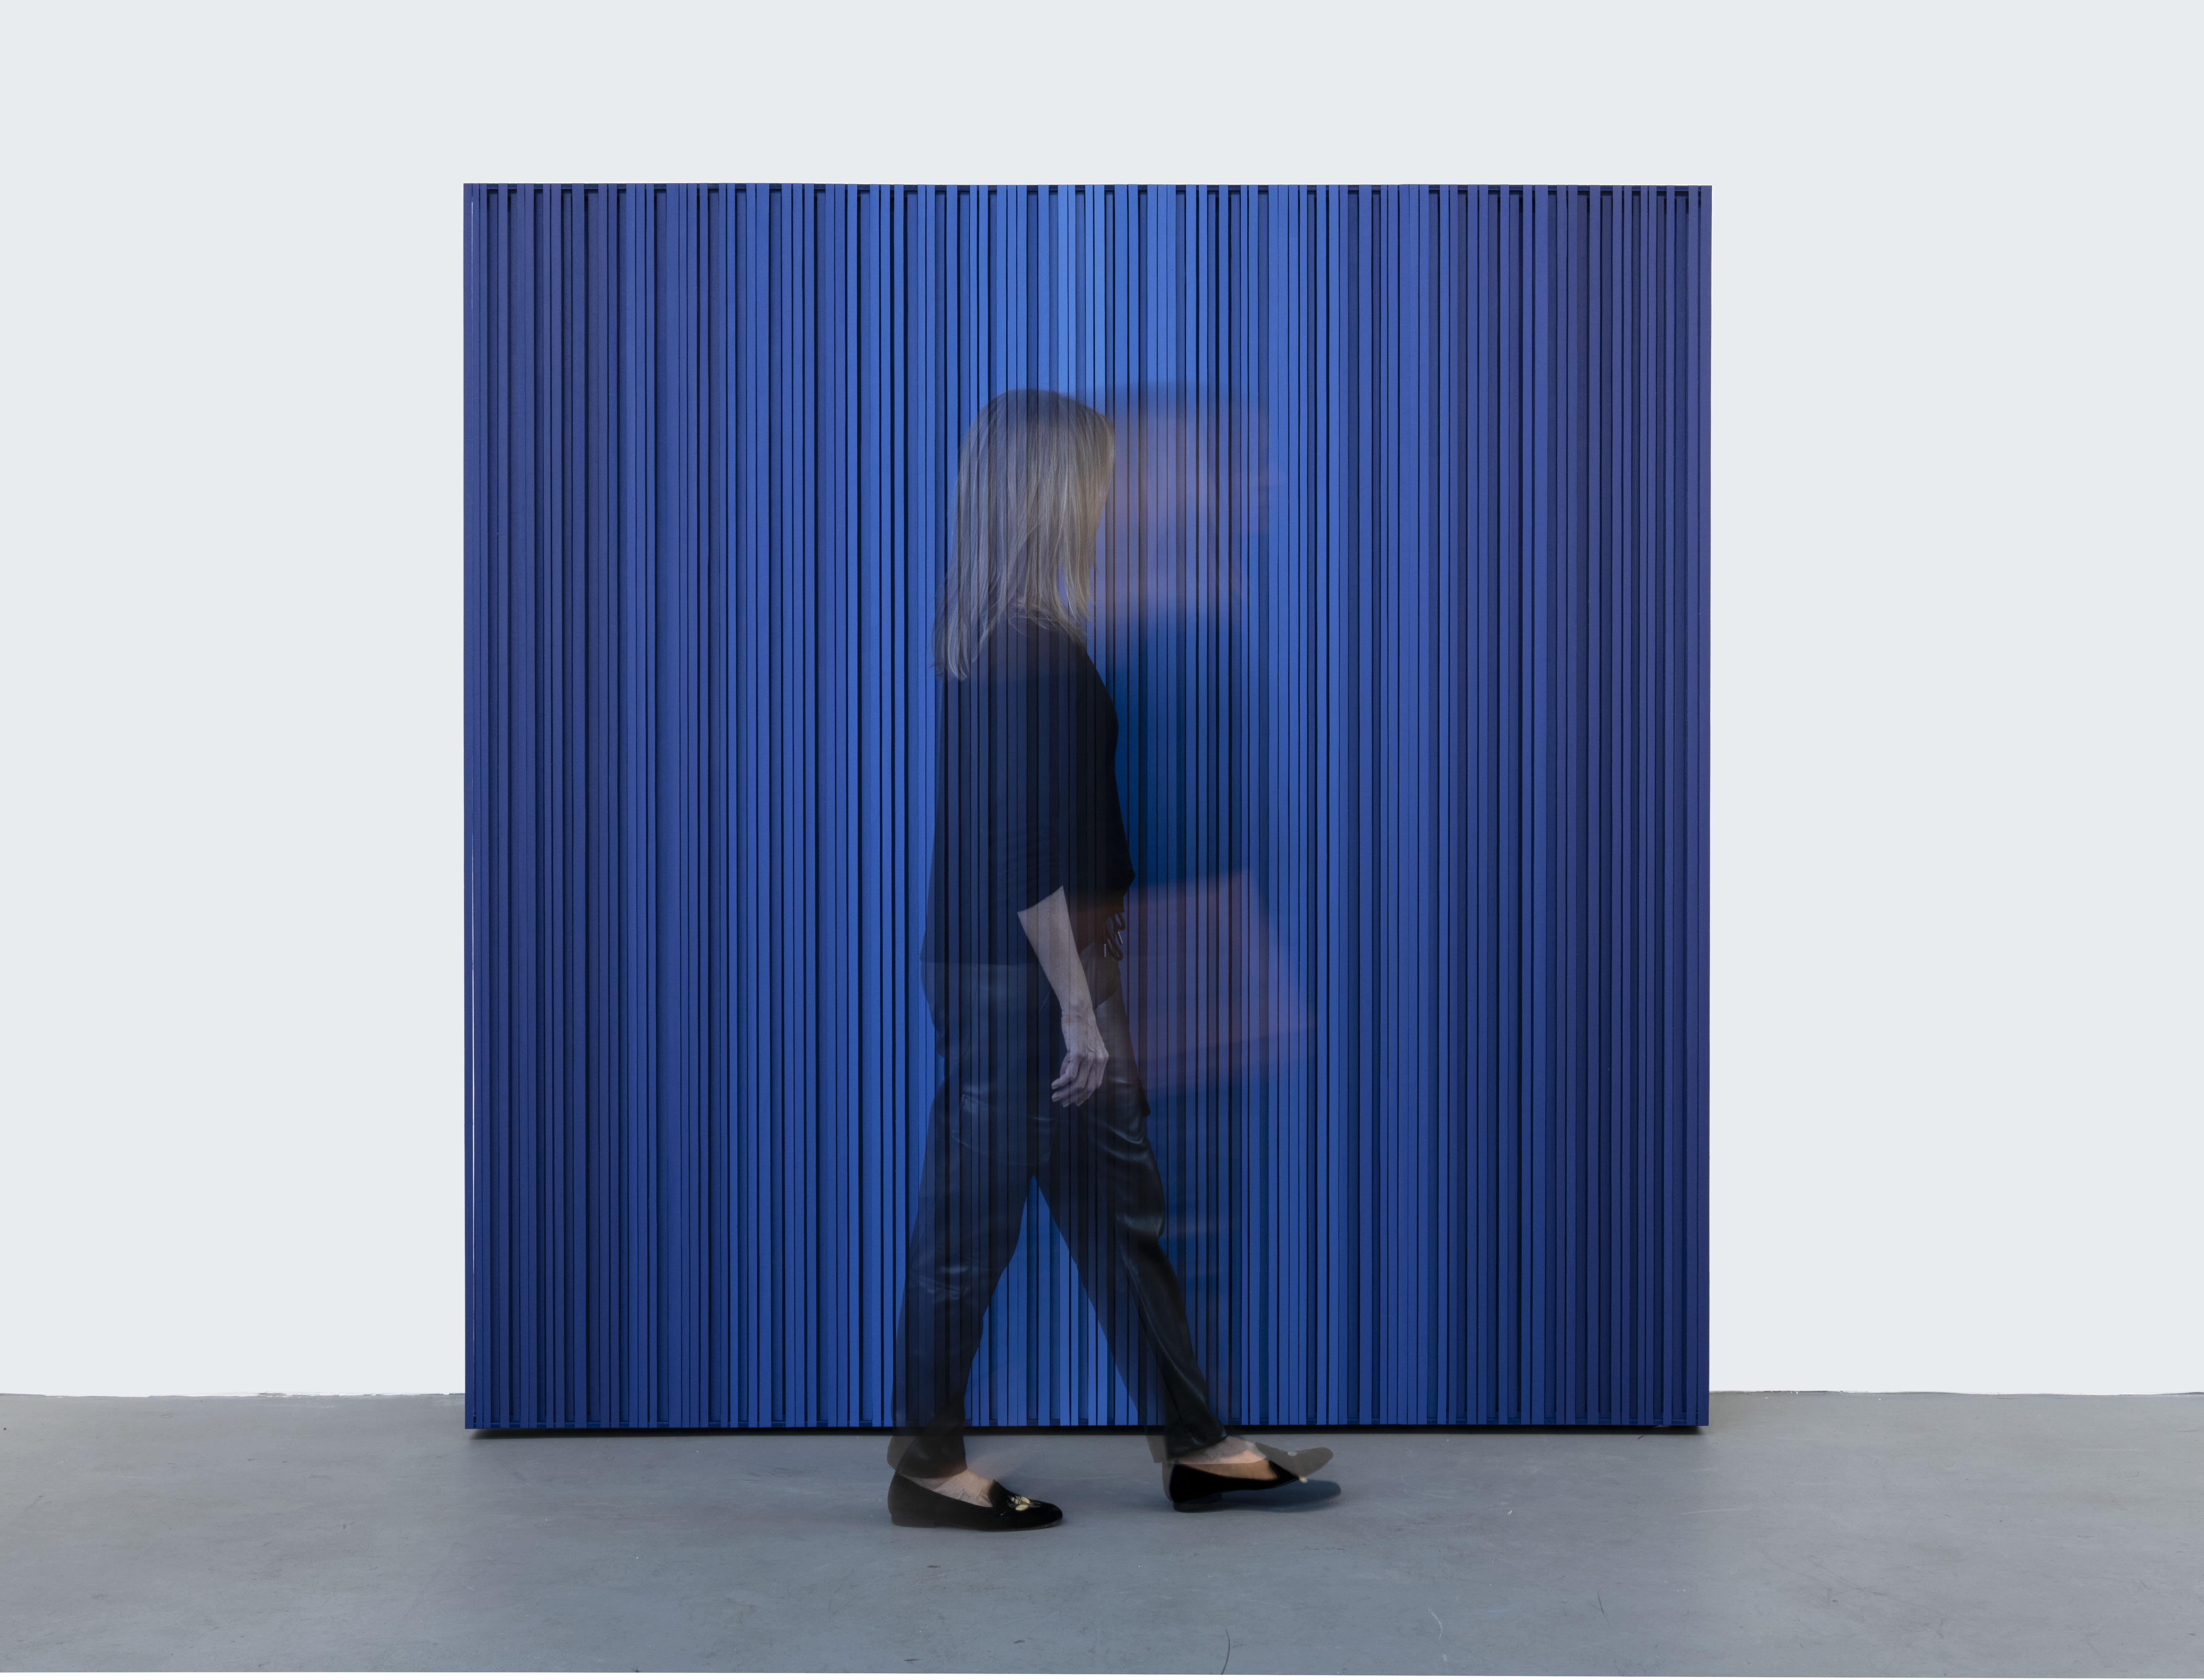 Gabriela Costa apresenta exposição inédita na Galeria Caribé que ressignifica a pintura como técnica